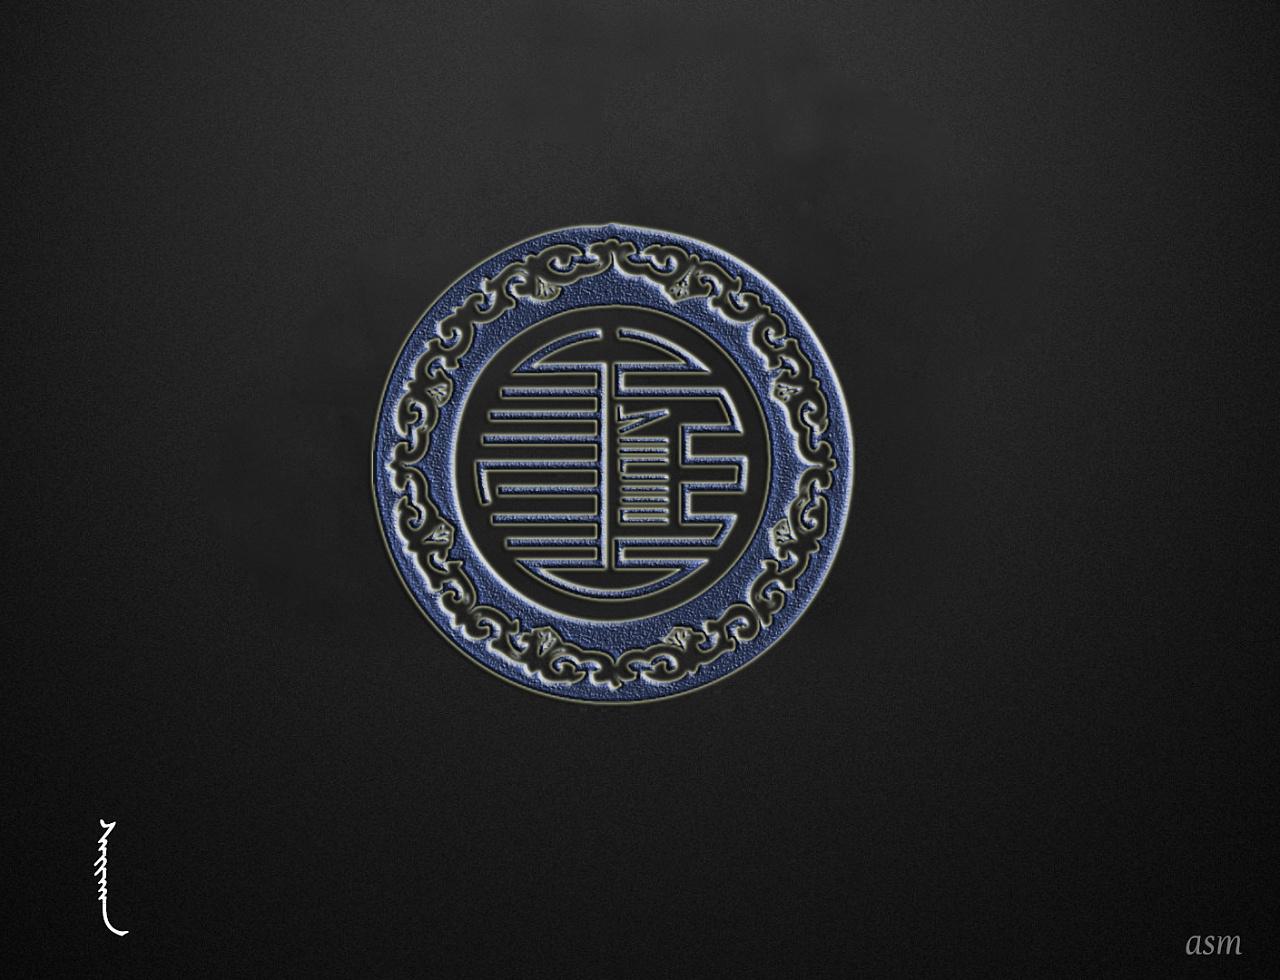 蒙古艺术文字2 -阿斯玛设计 第4张 蒙古艺术文字2 -阿斯玛设计 蒙古设计